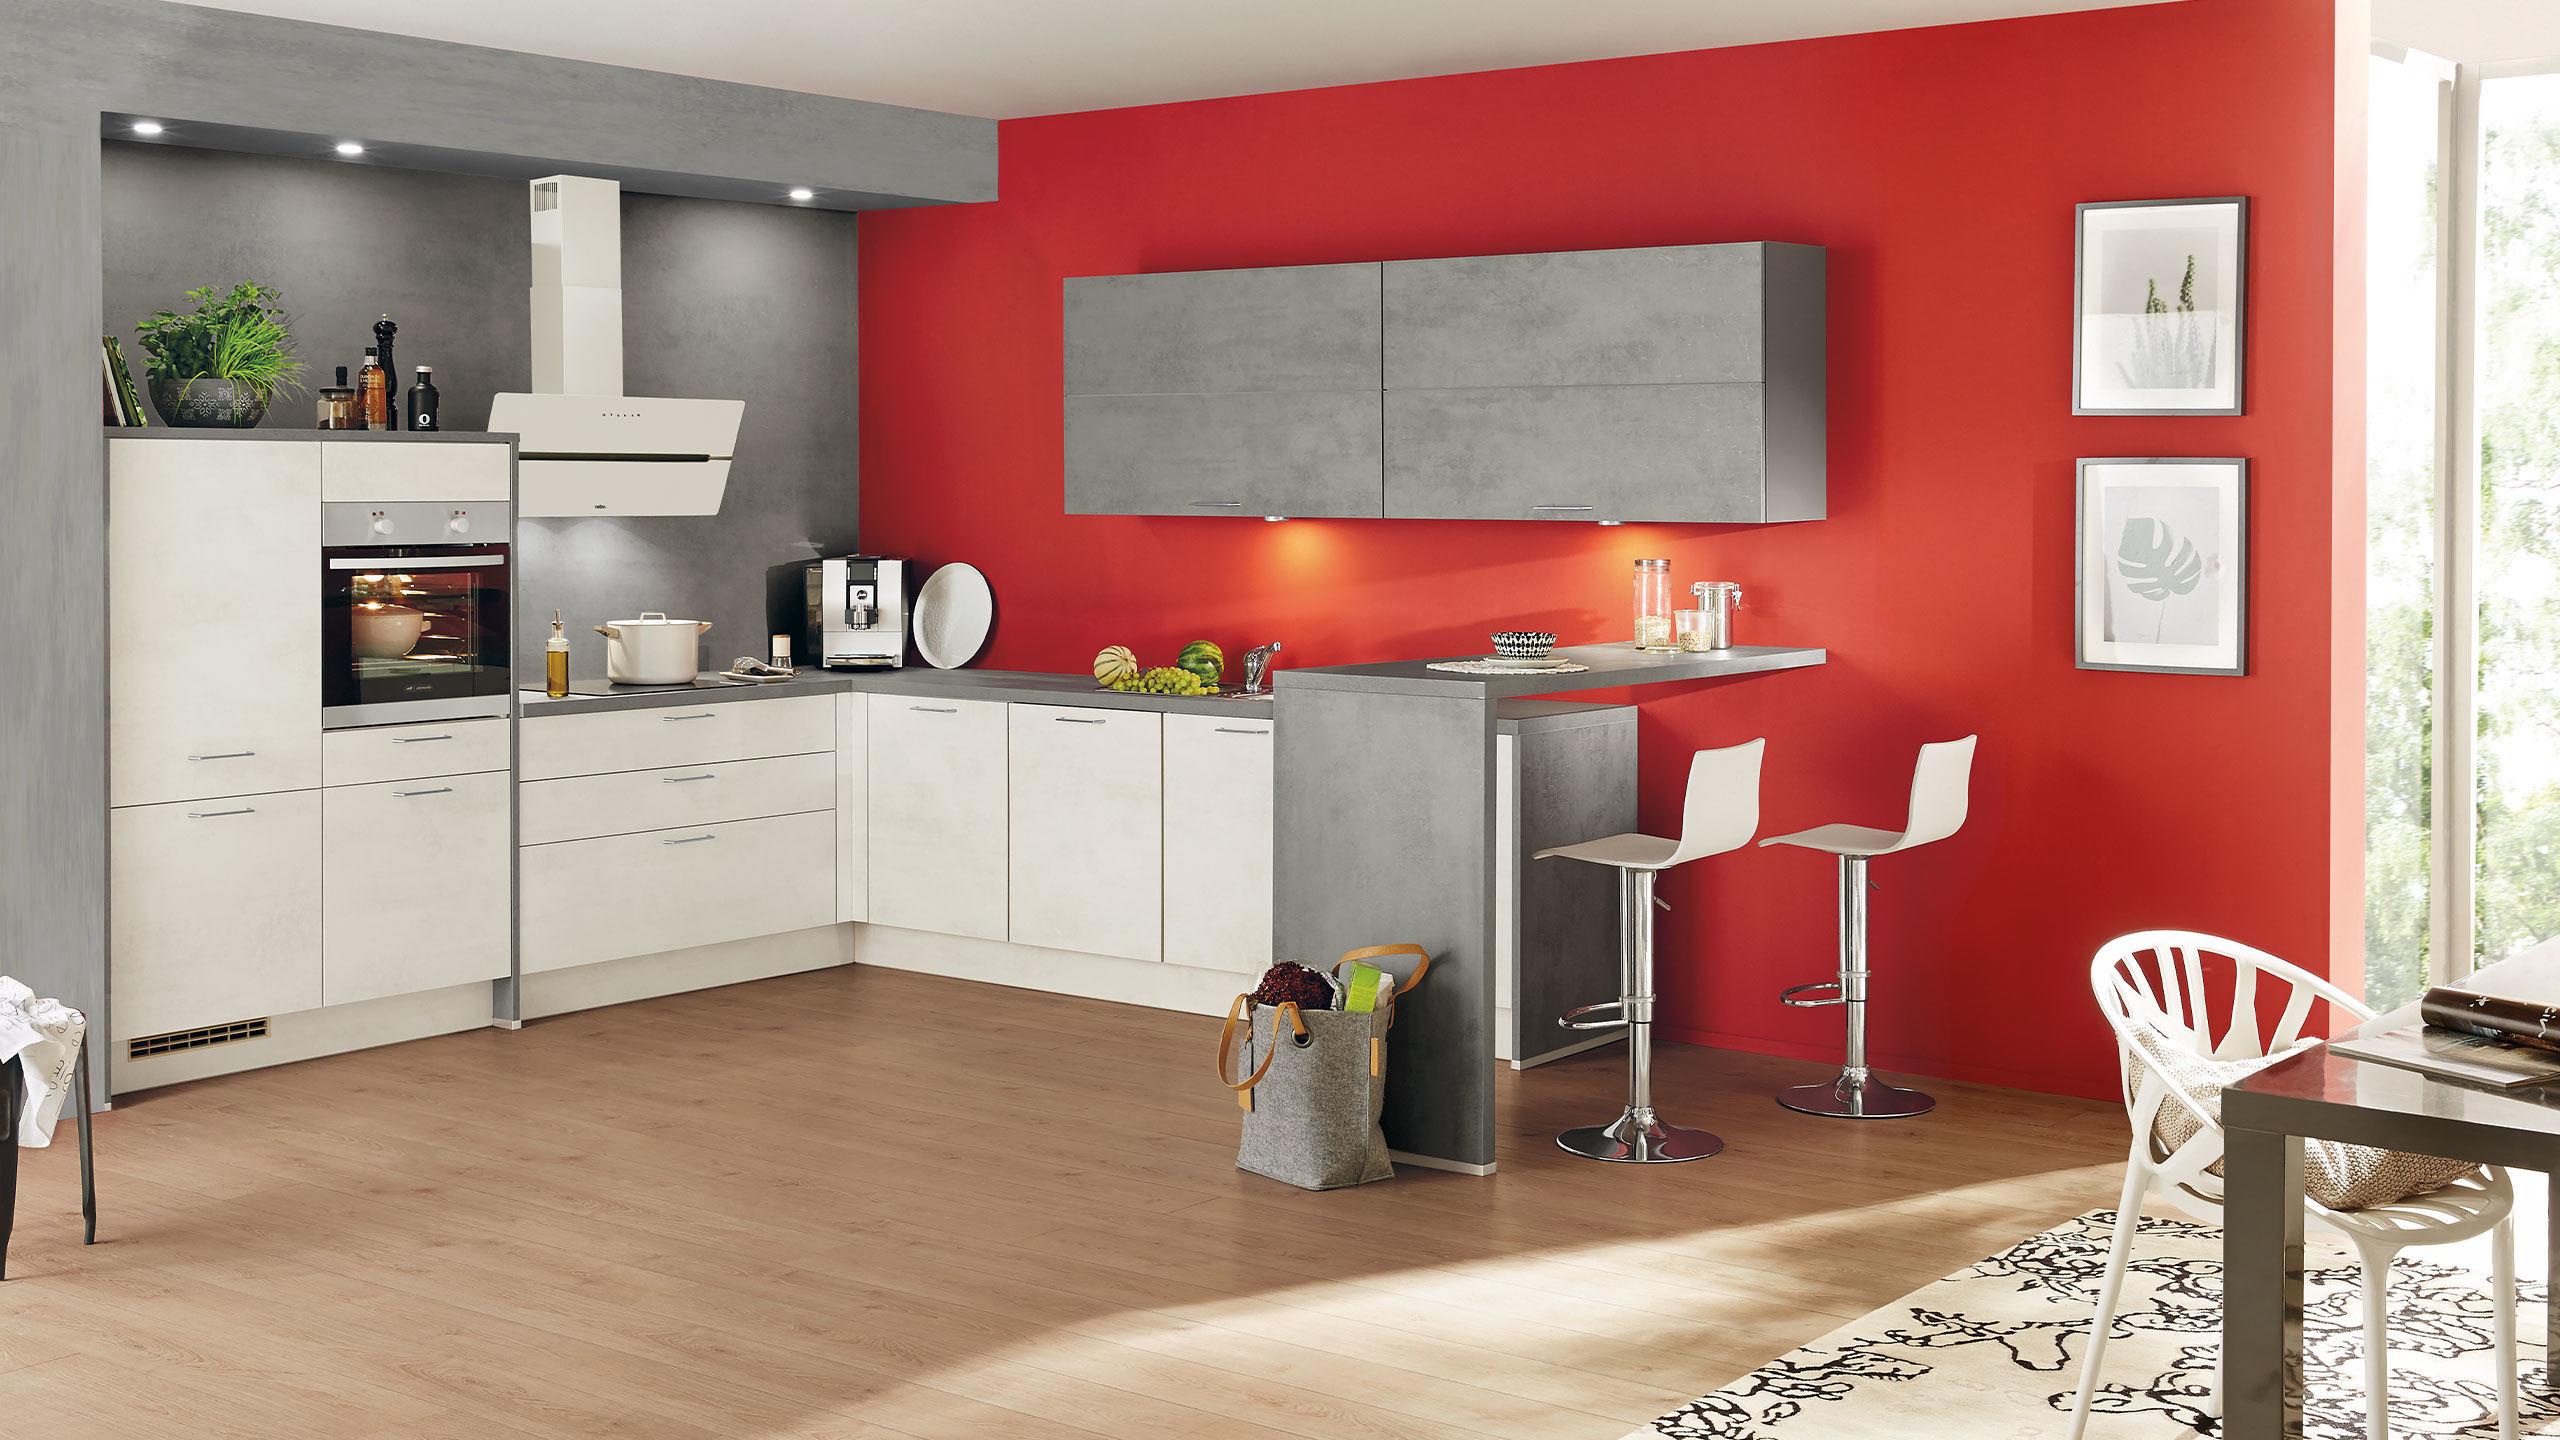 Full Size of Küche Zusammenstellen Günstig Respekta Küche Zusammenstellen Küche Zusammenstellen Online Vicco Küche Zusammenstellen Küche Küche Zusammenstellen